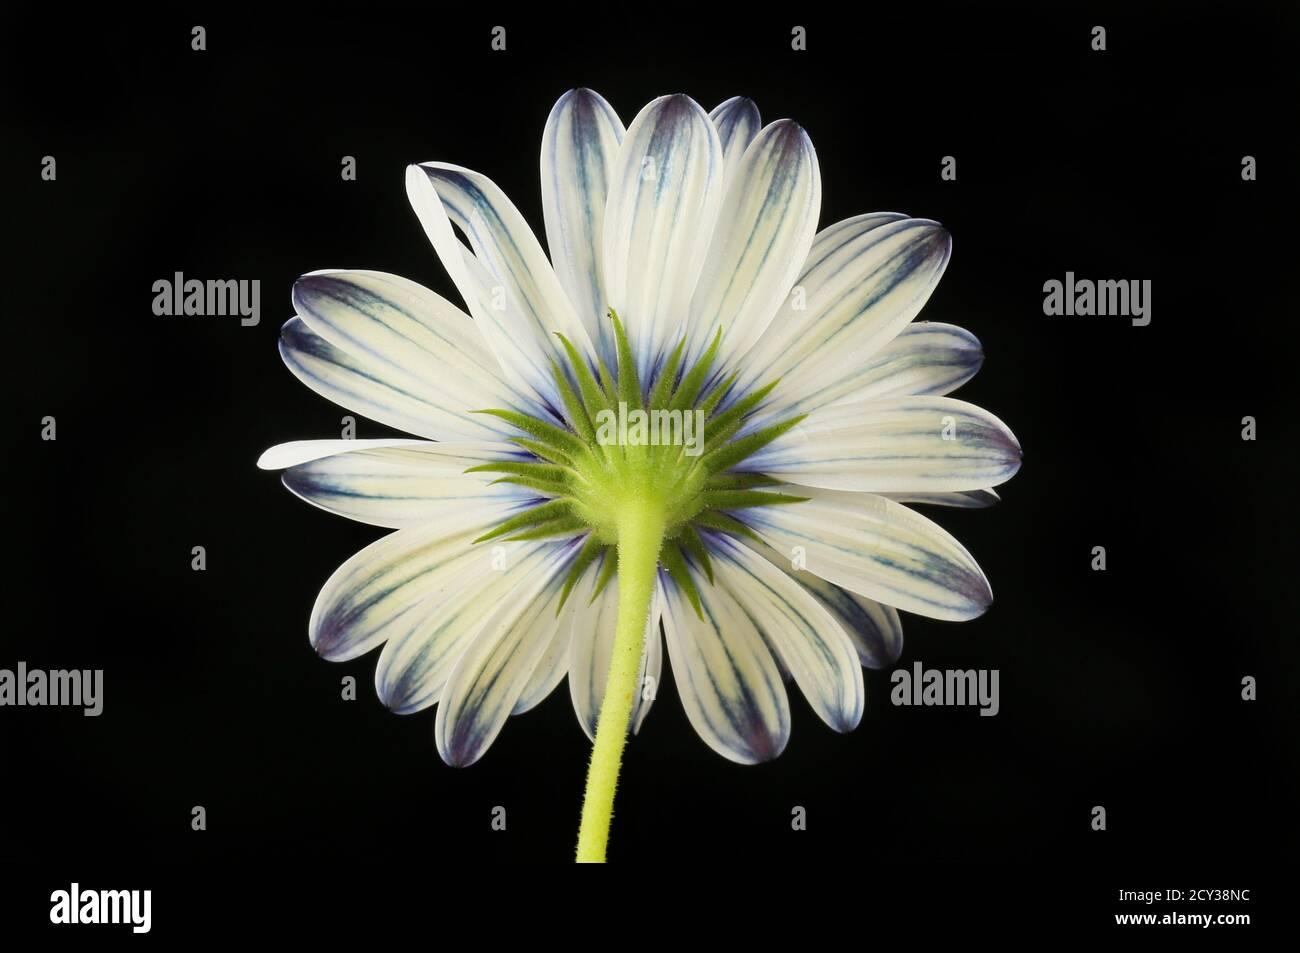 Dessous d'une fleur d'ostéospermum isolée contre le noir Banque D'Images